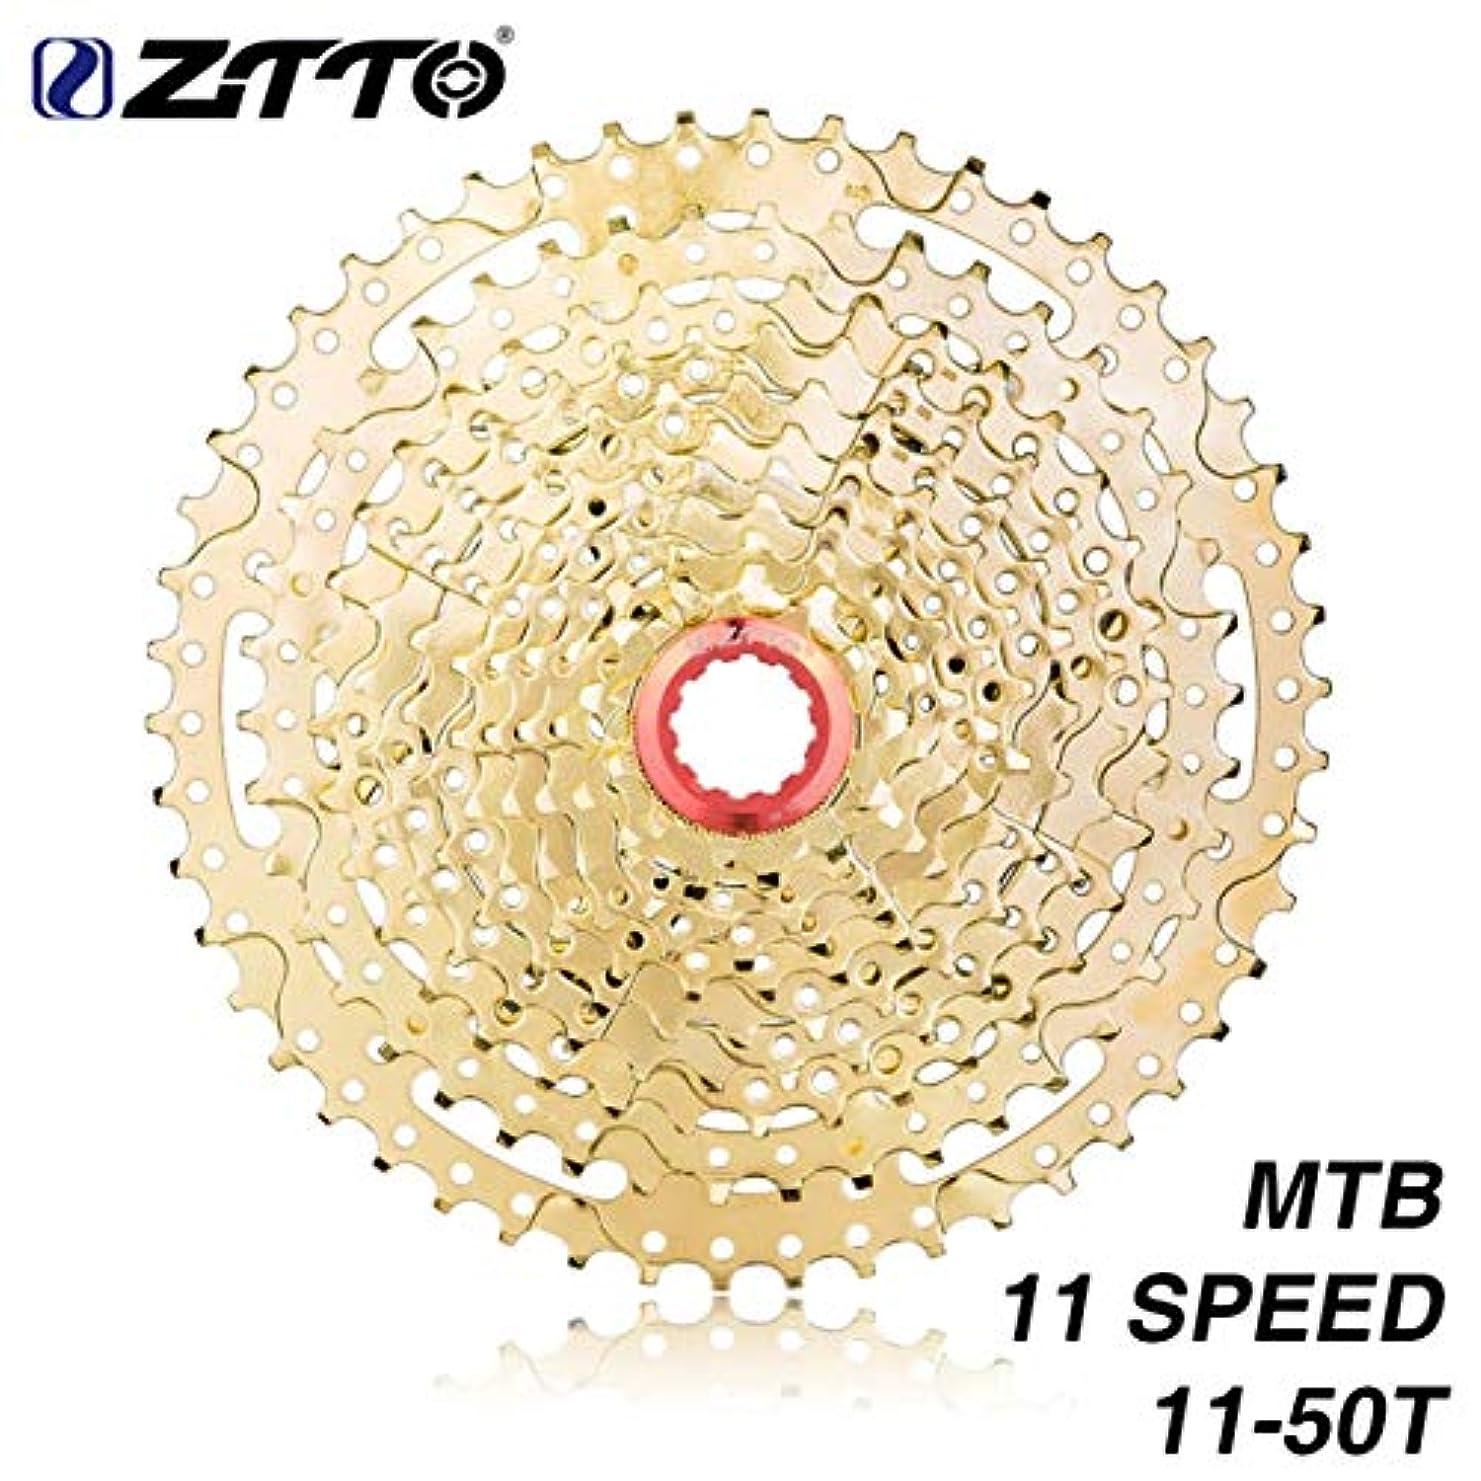 タクト砲撃顕現Saikogoods ZTTO 11スピードカセット、ロードバイク、シマノSramのシステム高張力鋼スプロケットコグ、折りたたみ小型ホイール自転車のギア、ゴールドのため11-50T互換性 ゴールド